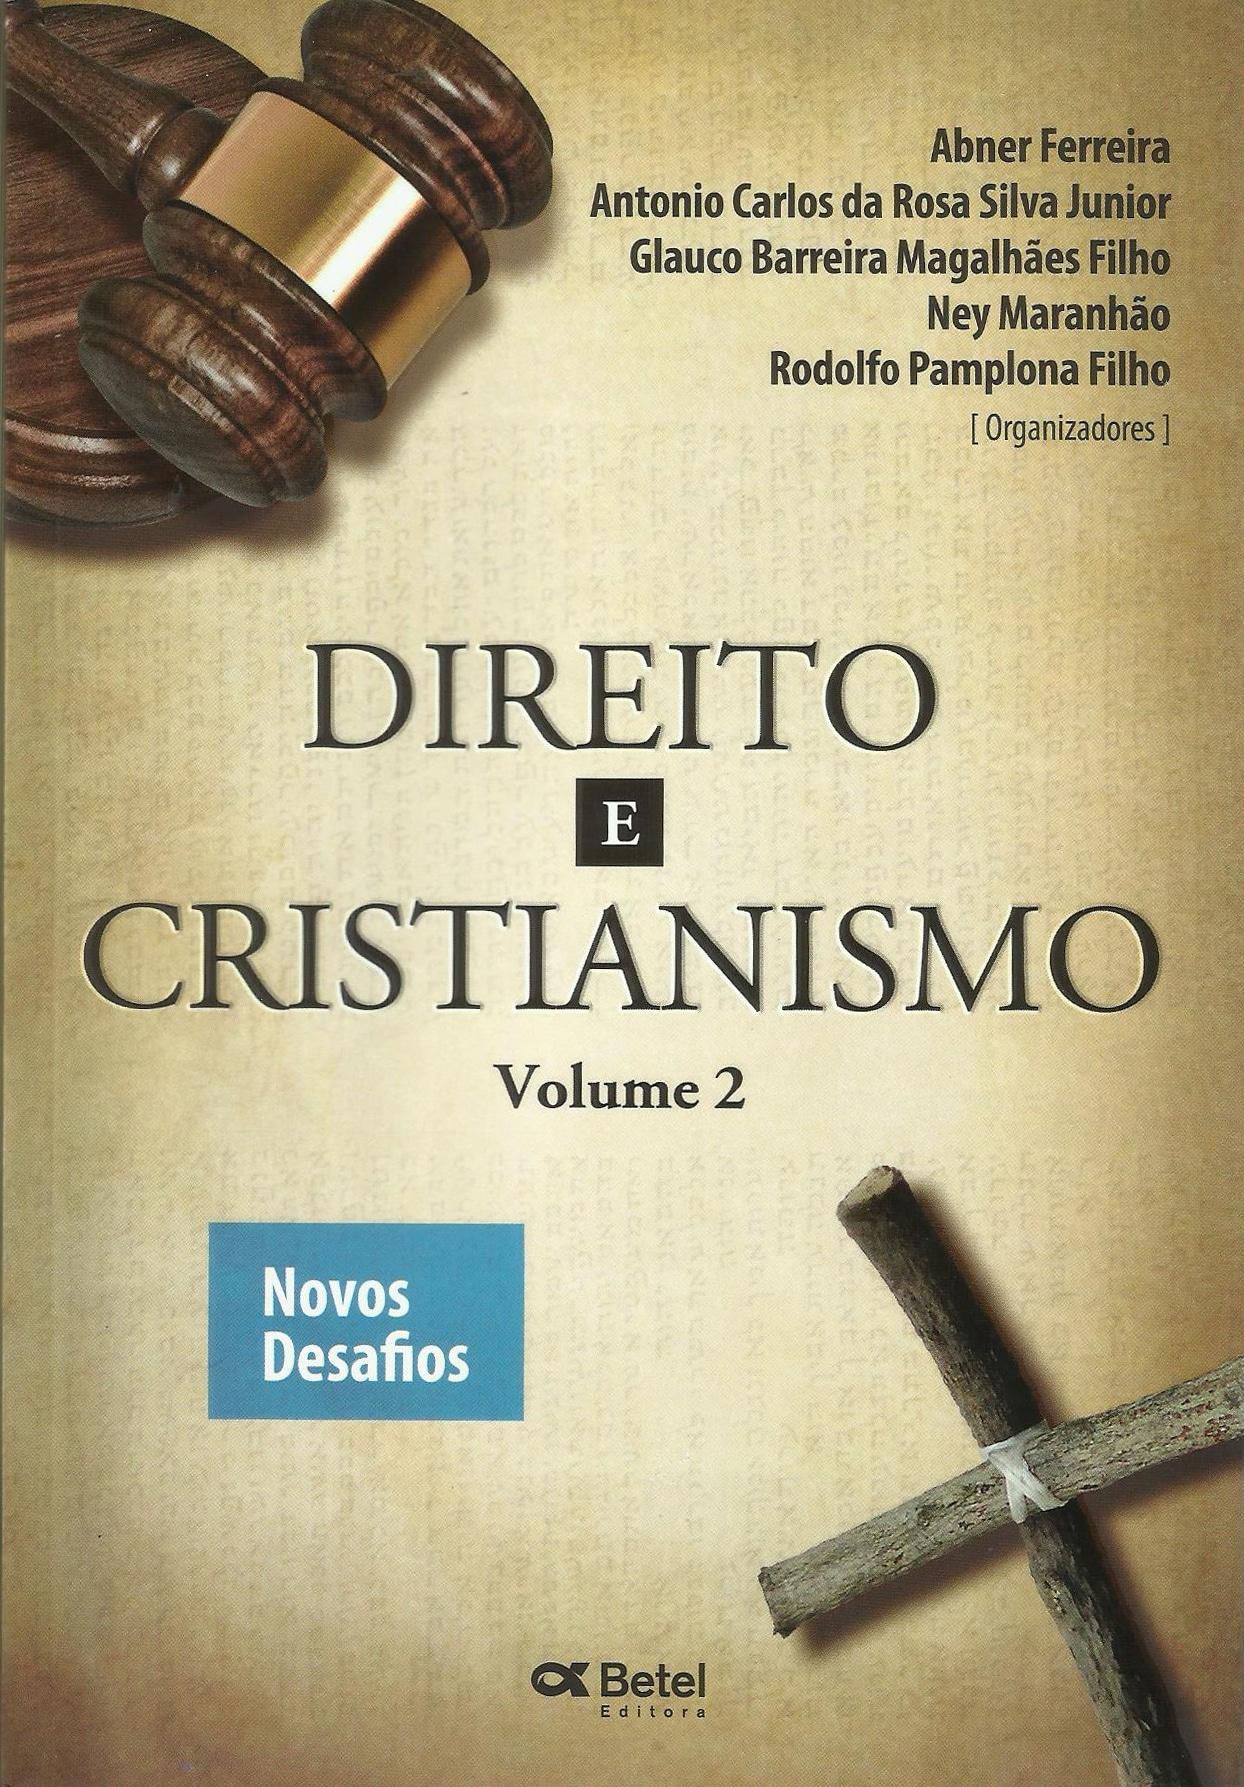 Direito e Cristianismo - Volume 2